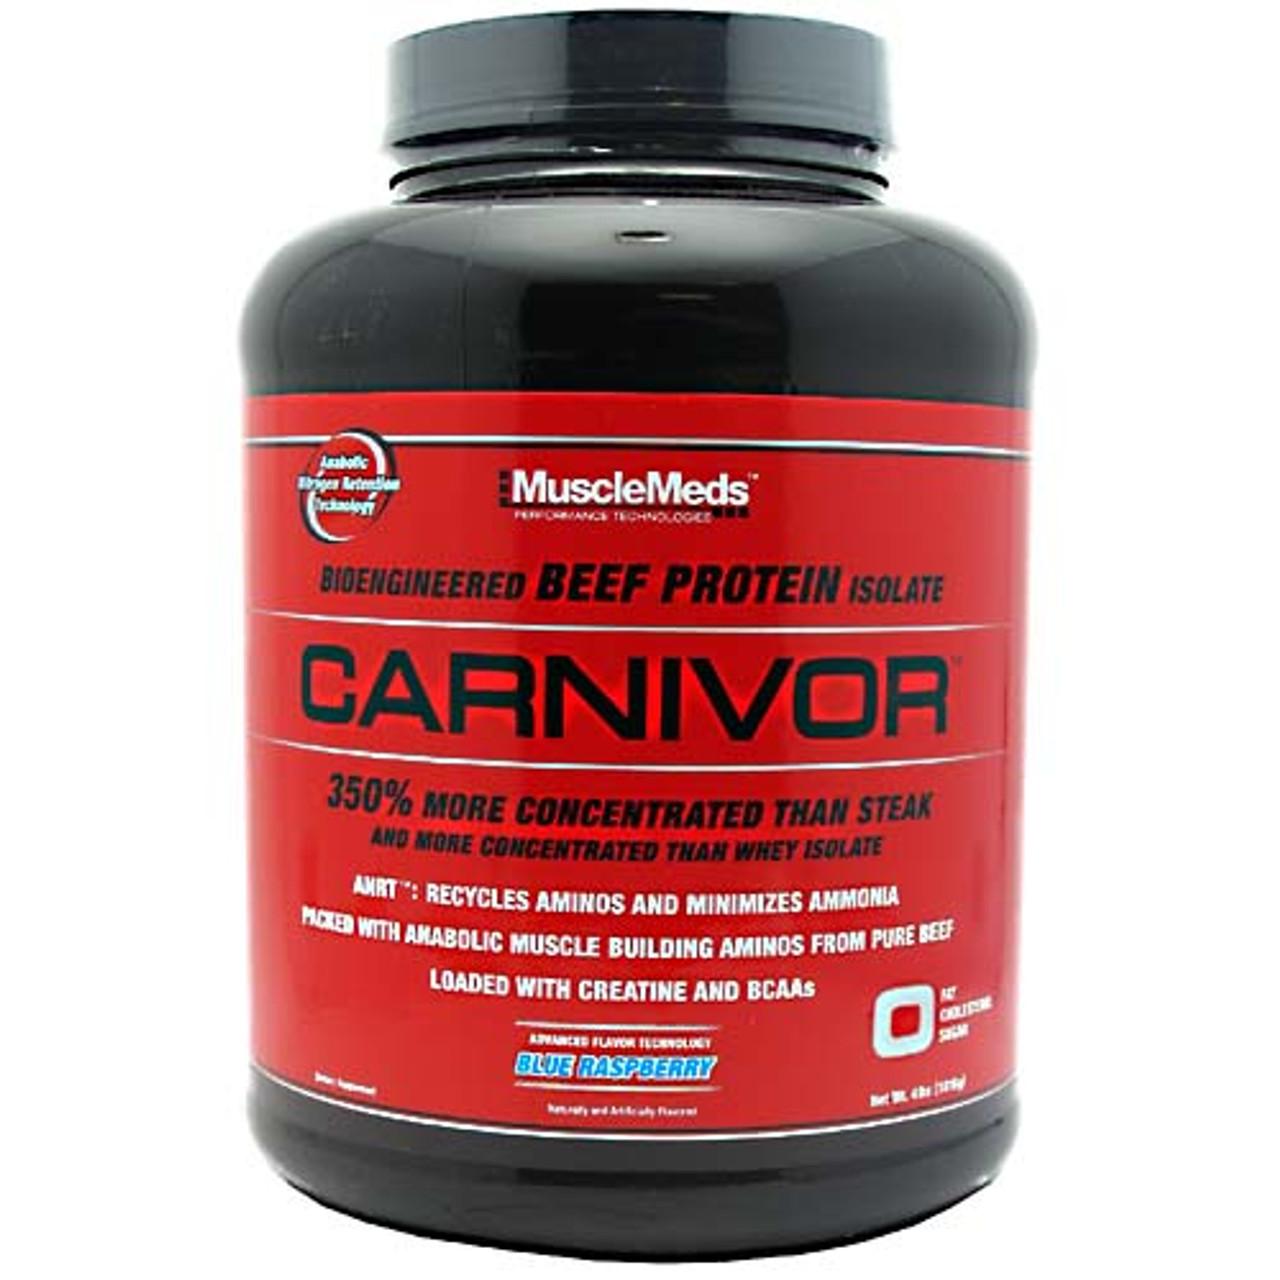 Carnivor by MuscleMeds 4lb